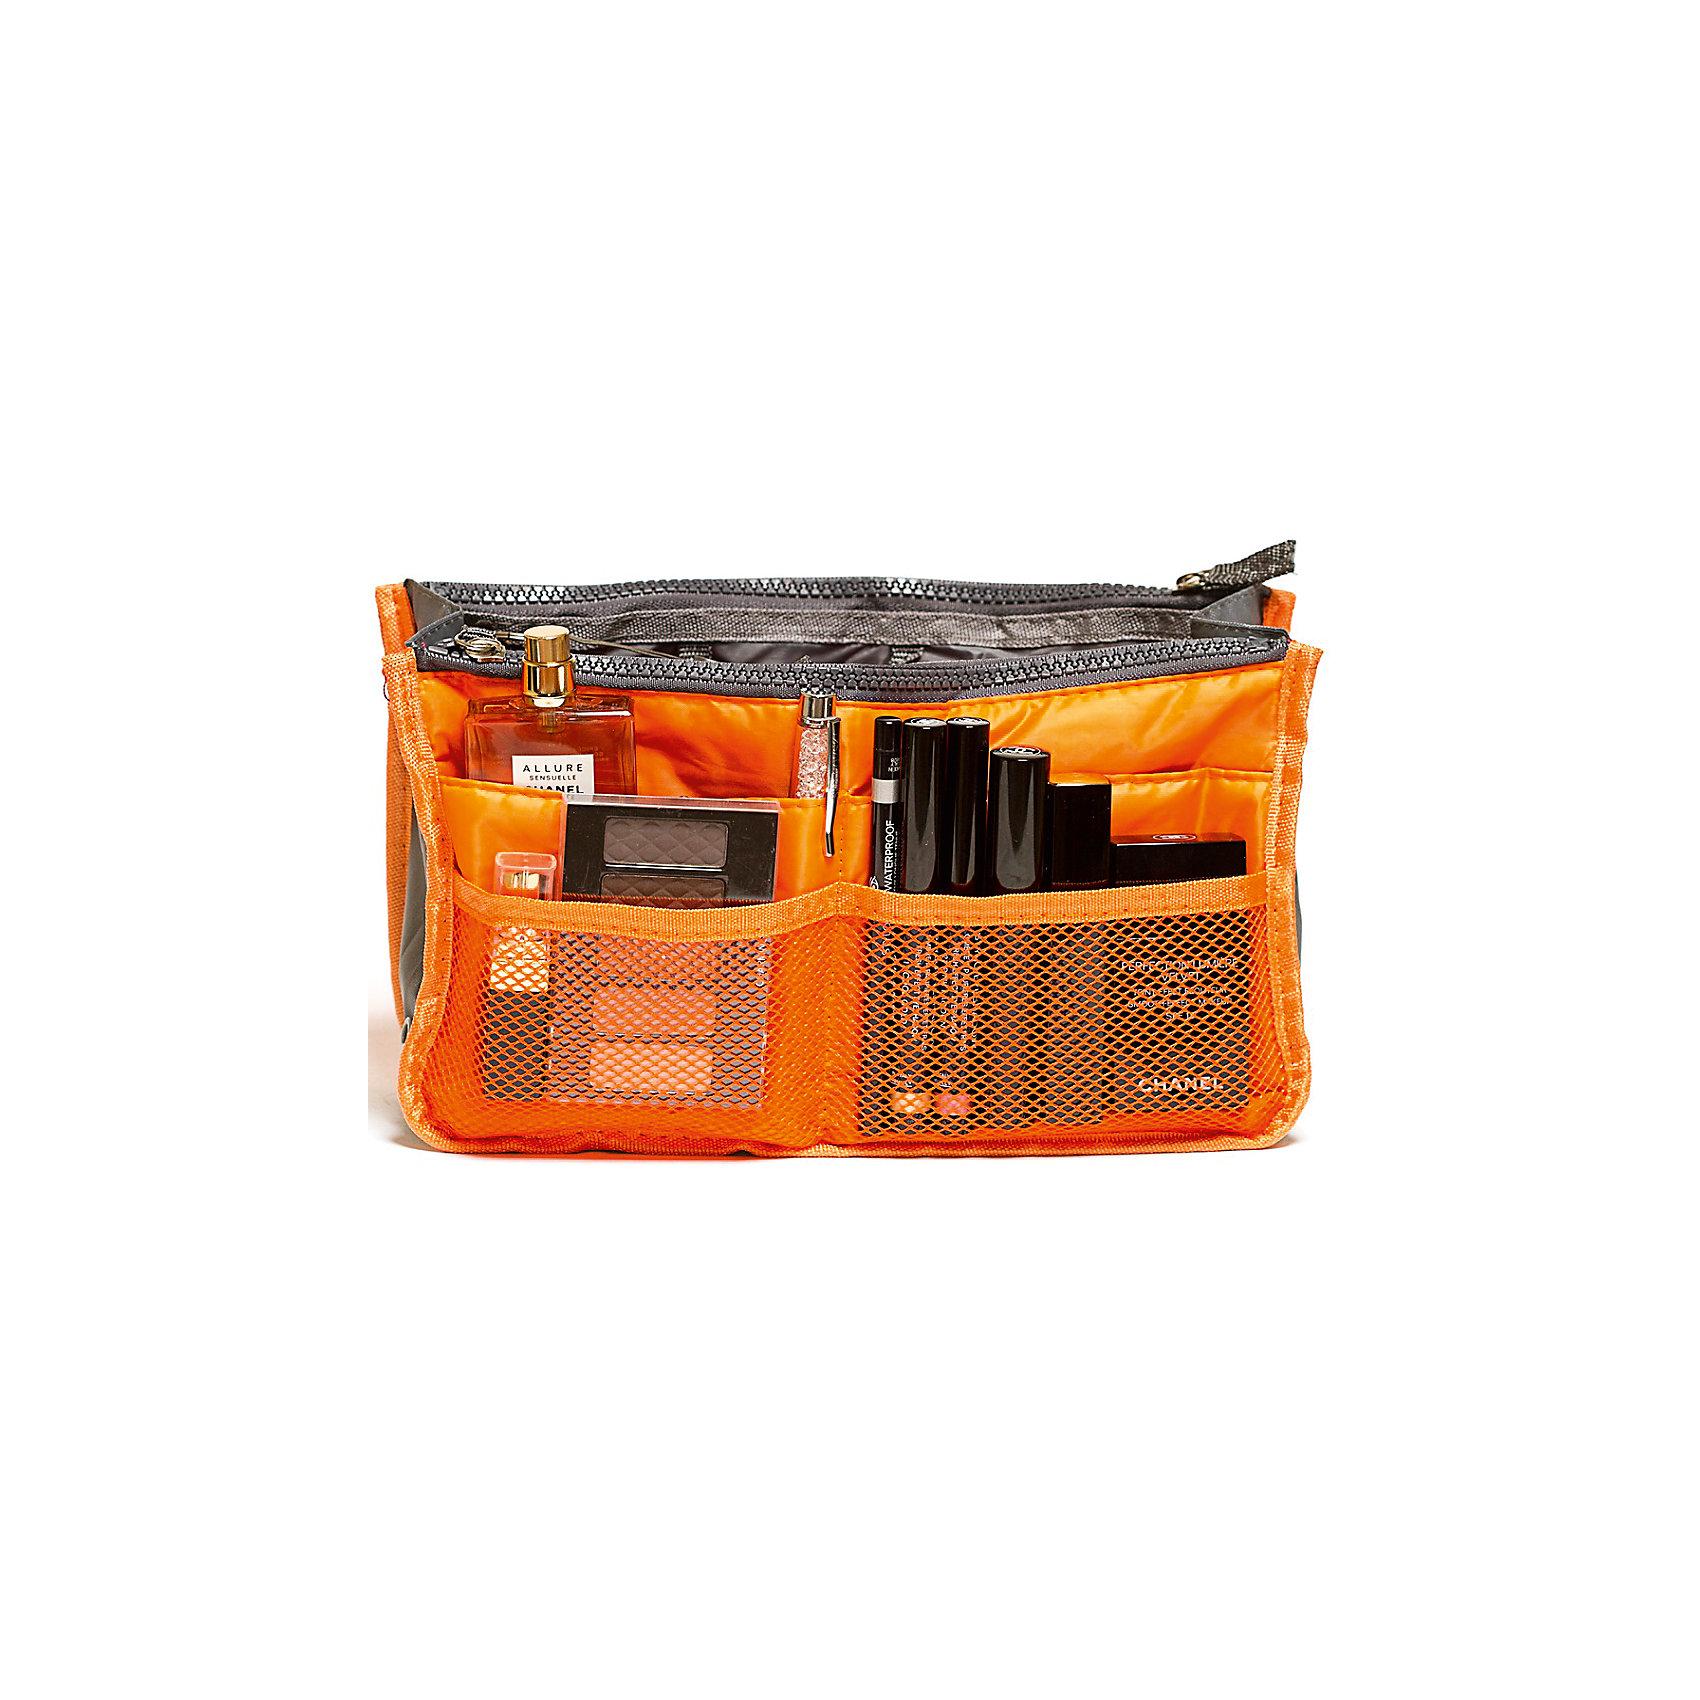 Органайзер для сумки, Homsu, оранжевыйПорядок в детской<br>Этот органайзер для сумки благодаря трем вместительным отделениям для вещей, четырем кармашкам по бокам и шести кармашкам в виде сетки обеспечит полный порядок в вашей сумке. Кроме того, изделие обладает интересным стилем, выполнено в оранжевом цвете и оснащёно двумя крепкими ручками, что позволяет применять его и вне сумки, как отдельный аксессуар.<br><br>Ширина мм: 280<br>Глубина мм: 30<br>Высота мм: 170<br>Вес г: 200<br>Возраст от месяцев: 216<br>Возраст до месяцев: 1188<br>Пол: Унисекс<br>Возраст: Детский<br>SKU: 5620309